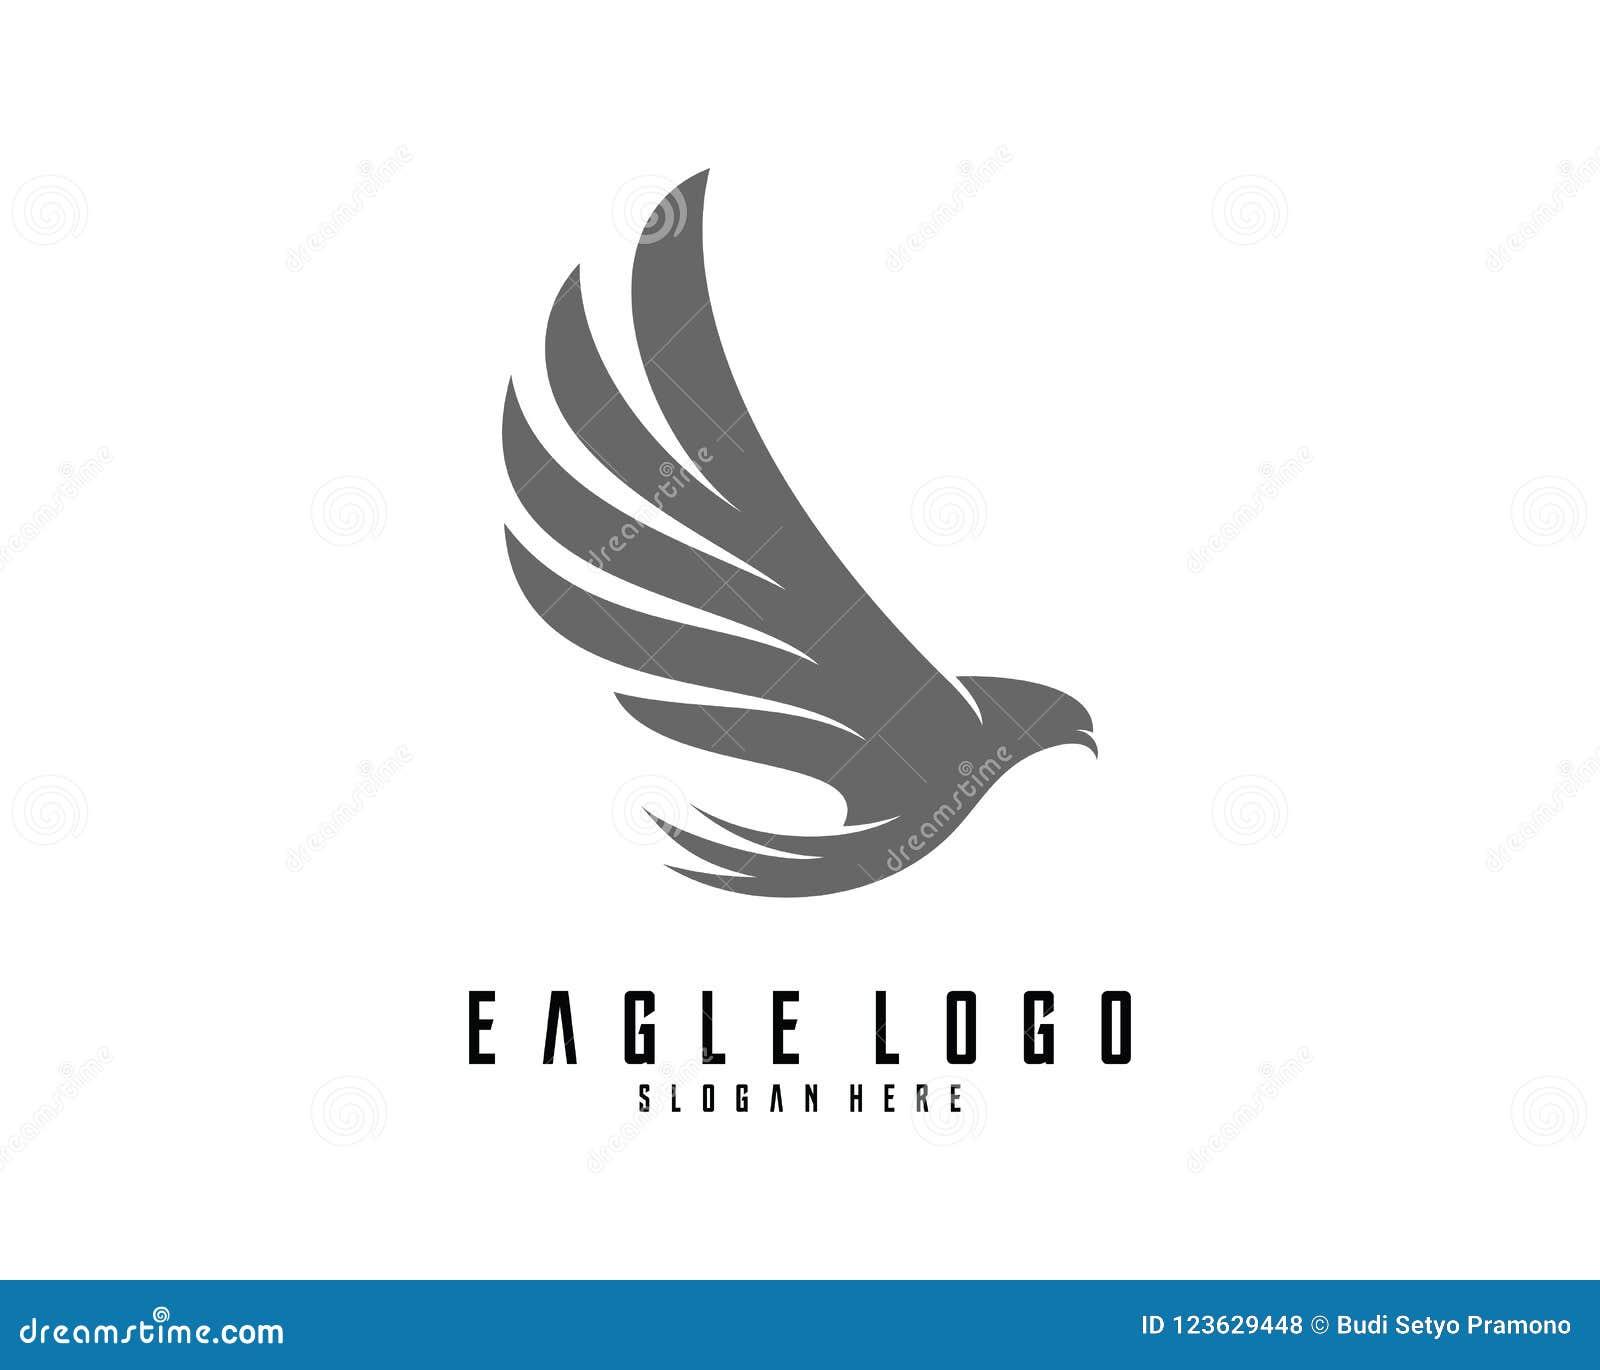 eagle logo design vector eagle icon logo stock vector